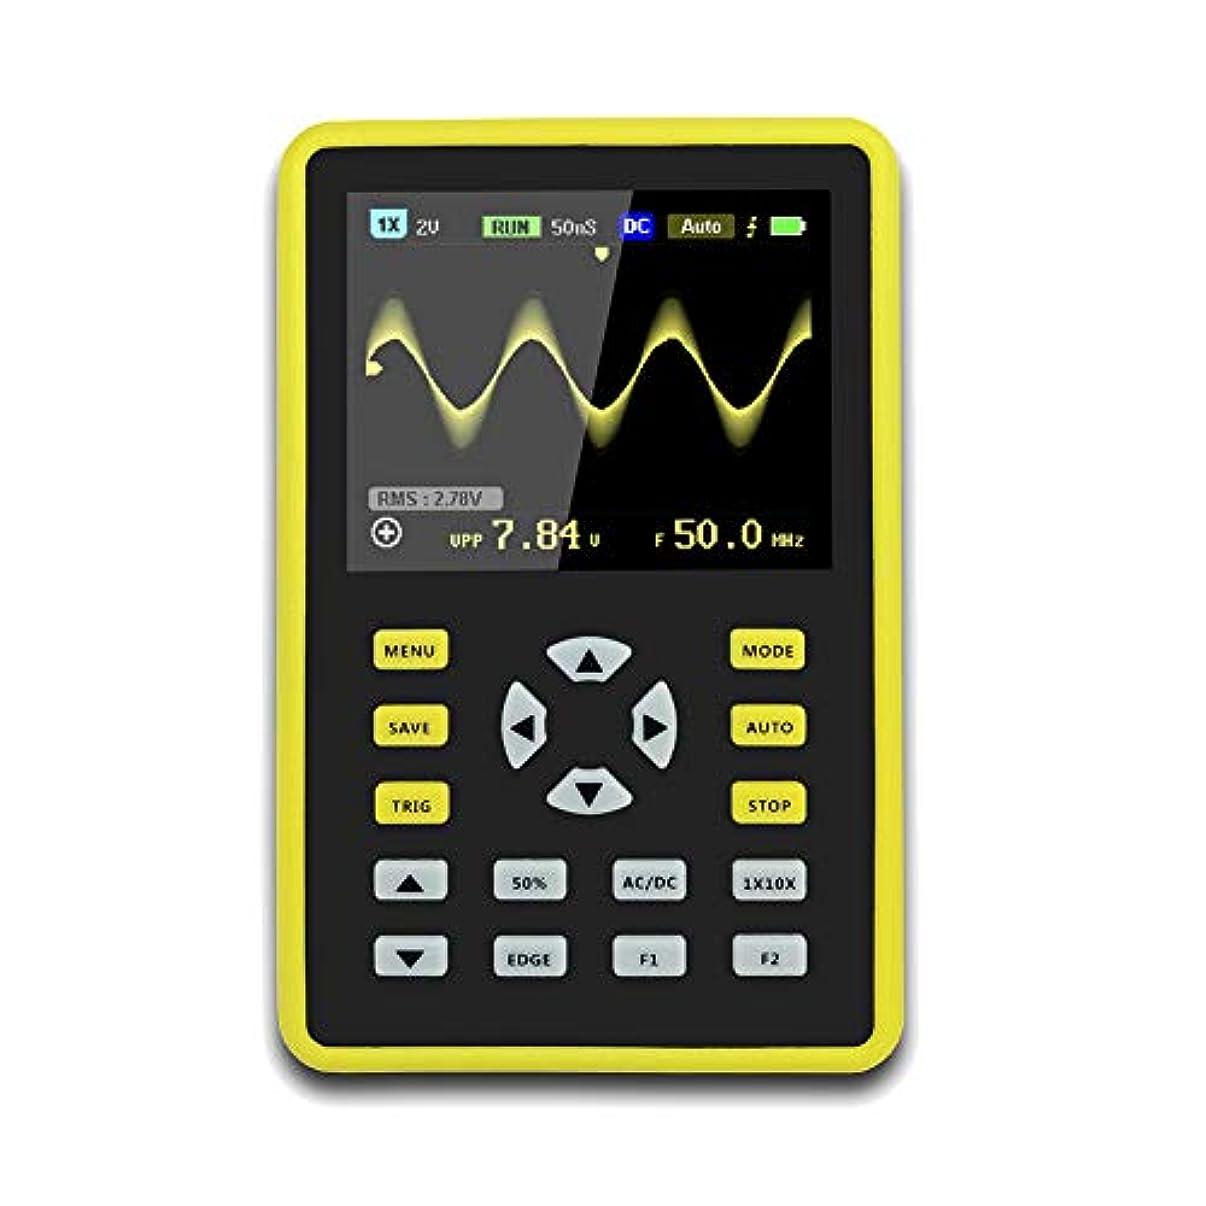 うがい薬テスト磁器Xlp  手持ち型デジタル小型オシロスコープ2.4インチ500 MS/s IPS LCD表示スクリーンの携帯用